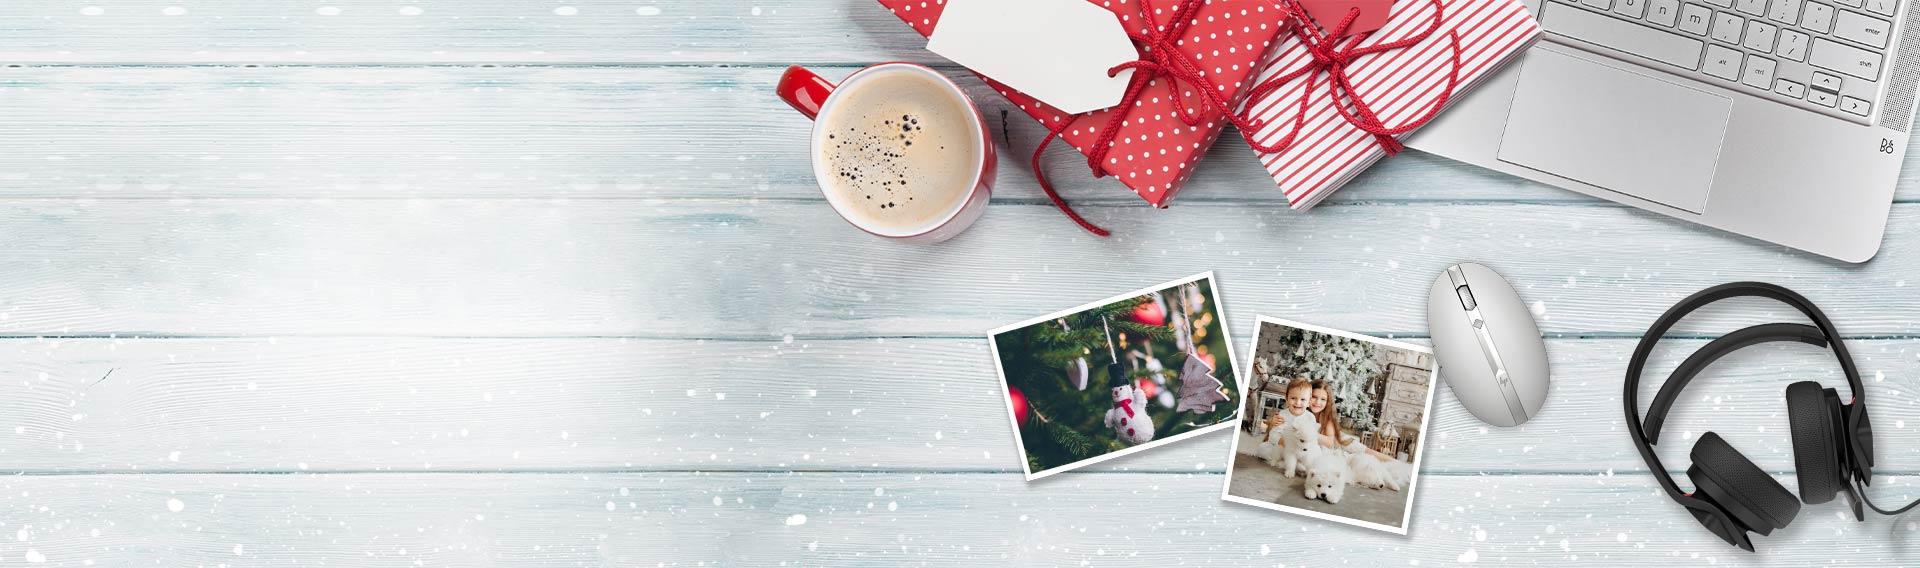 Regalos Navideños ¡Encontrá algo especial para ti, para ellos y para todos!